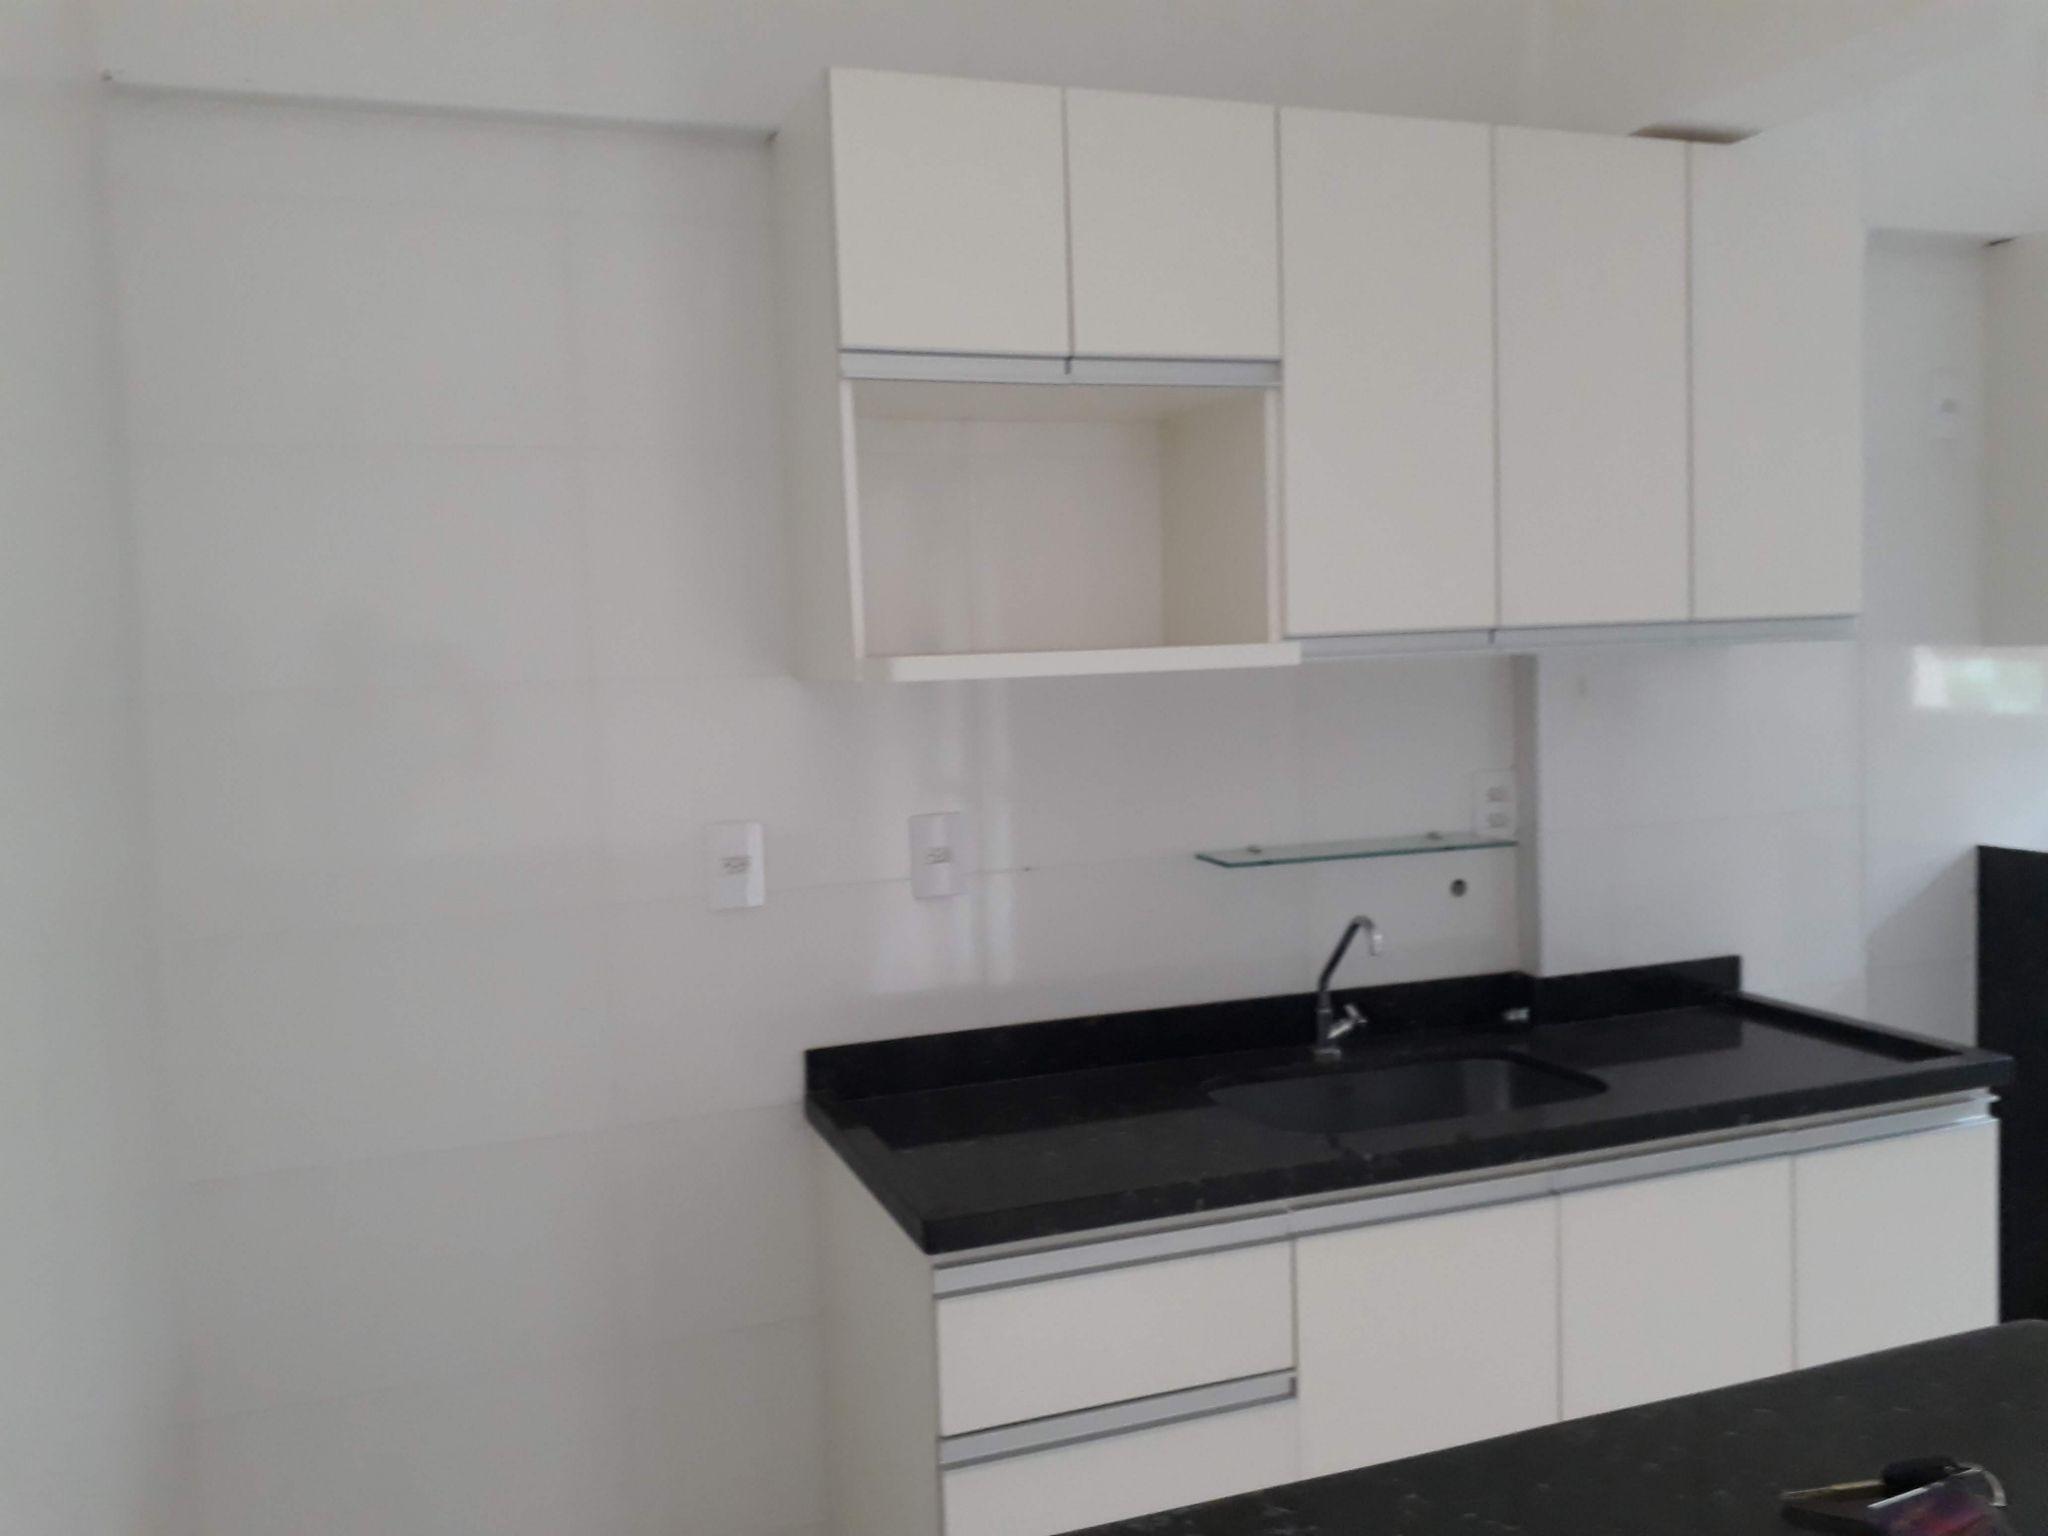 673 - Apartamento 1 dormitório Jardim Botânico